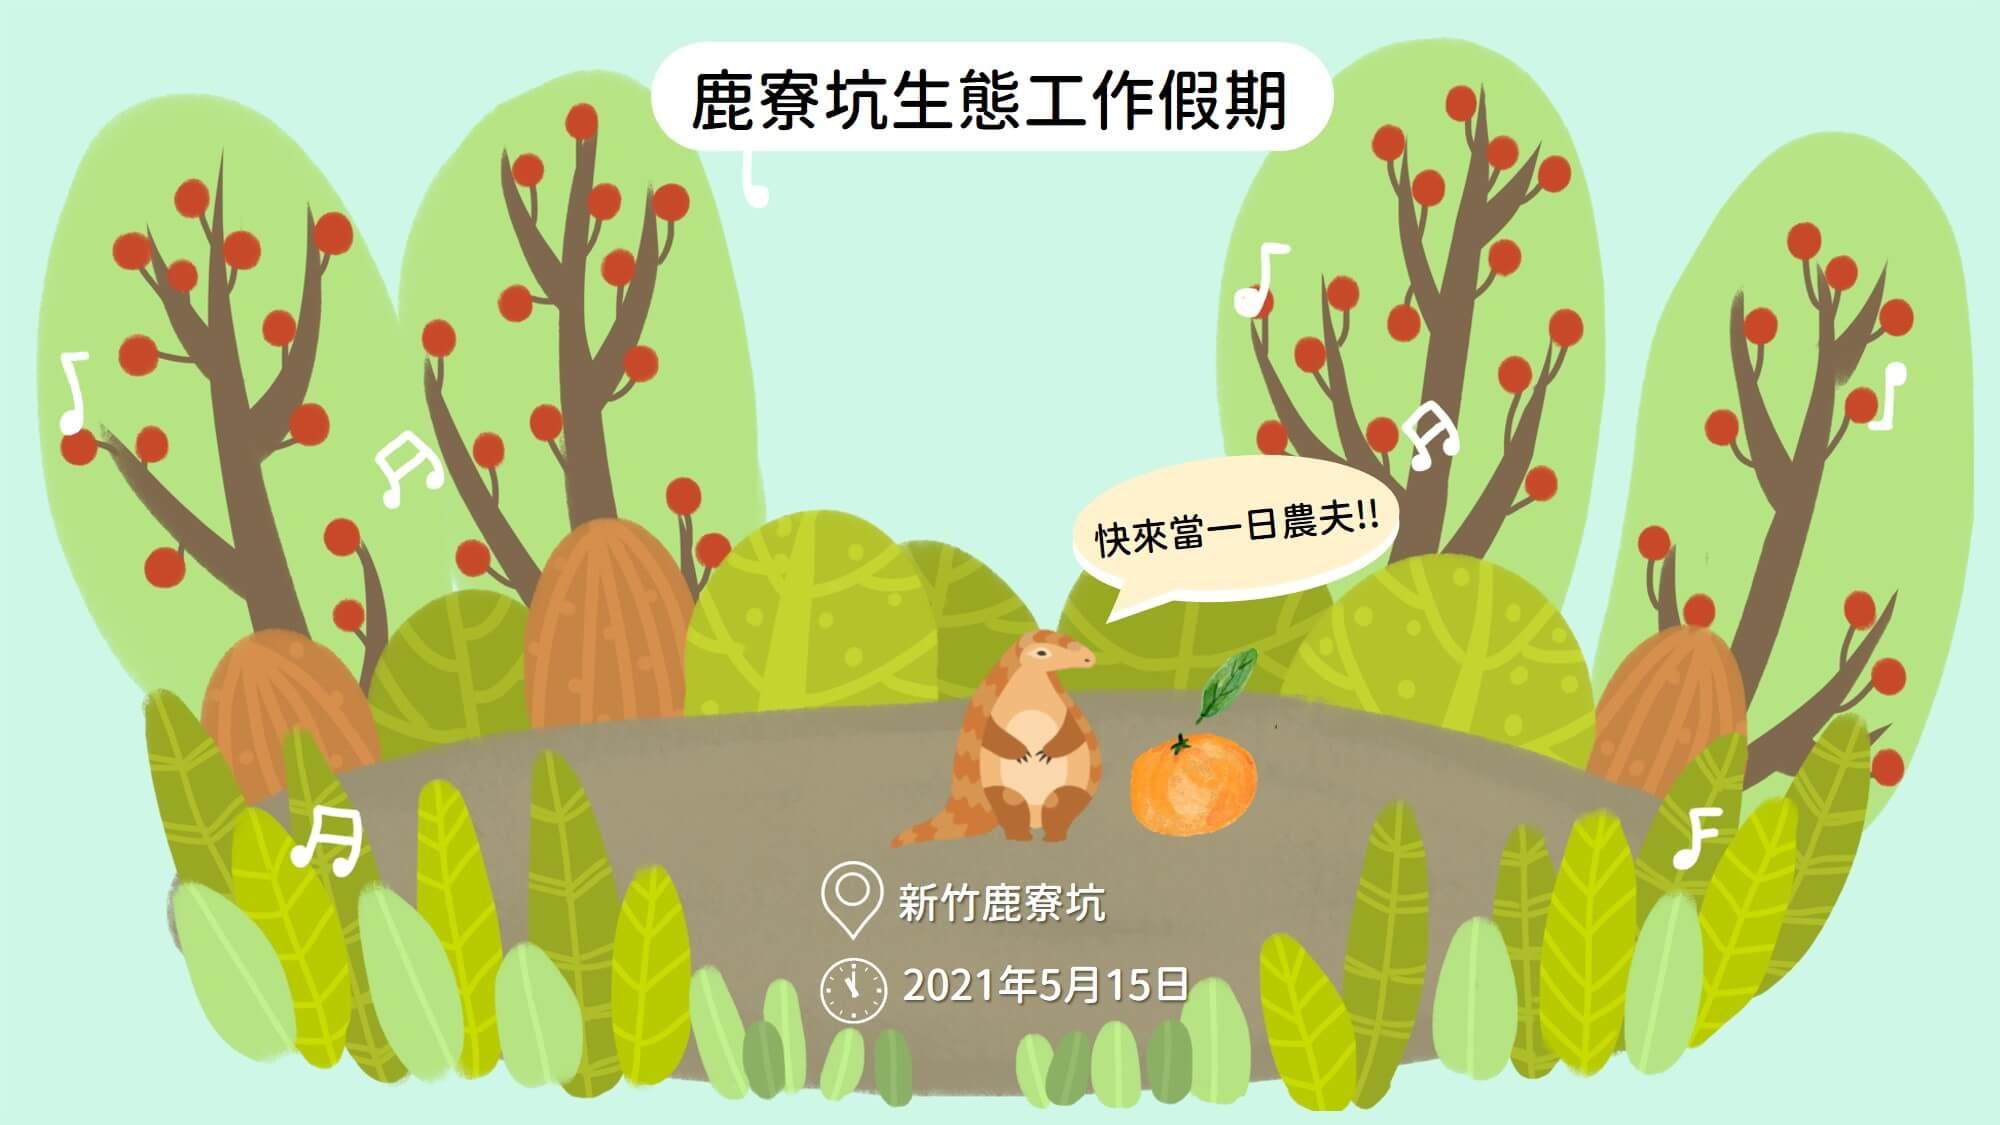 5月15日 鹿寮坑農村生態工作假期